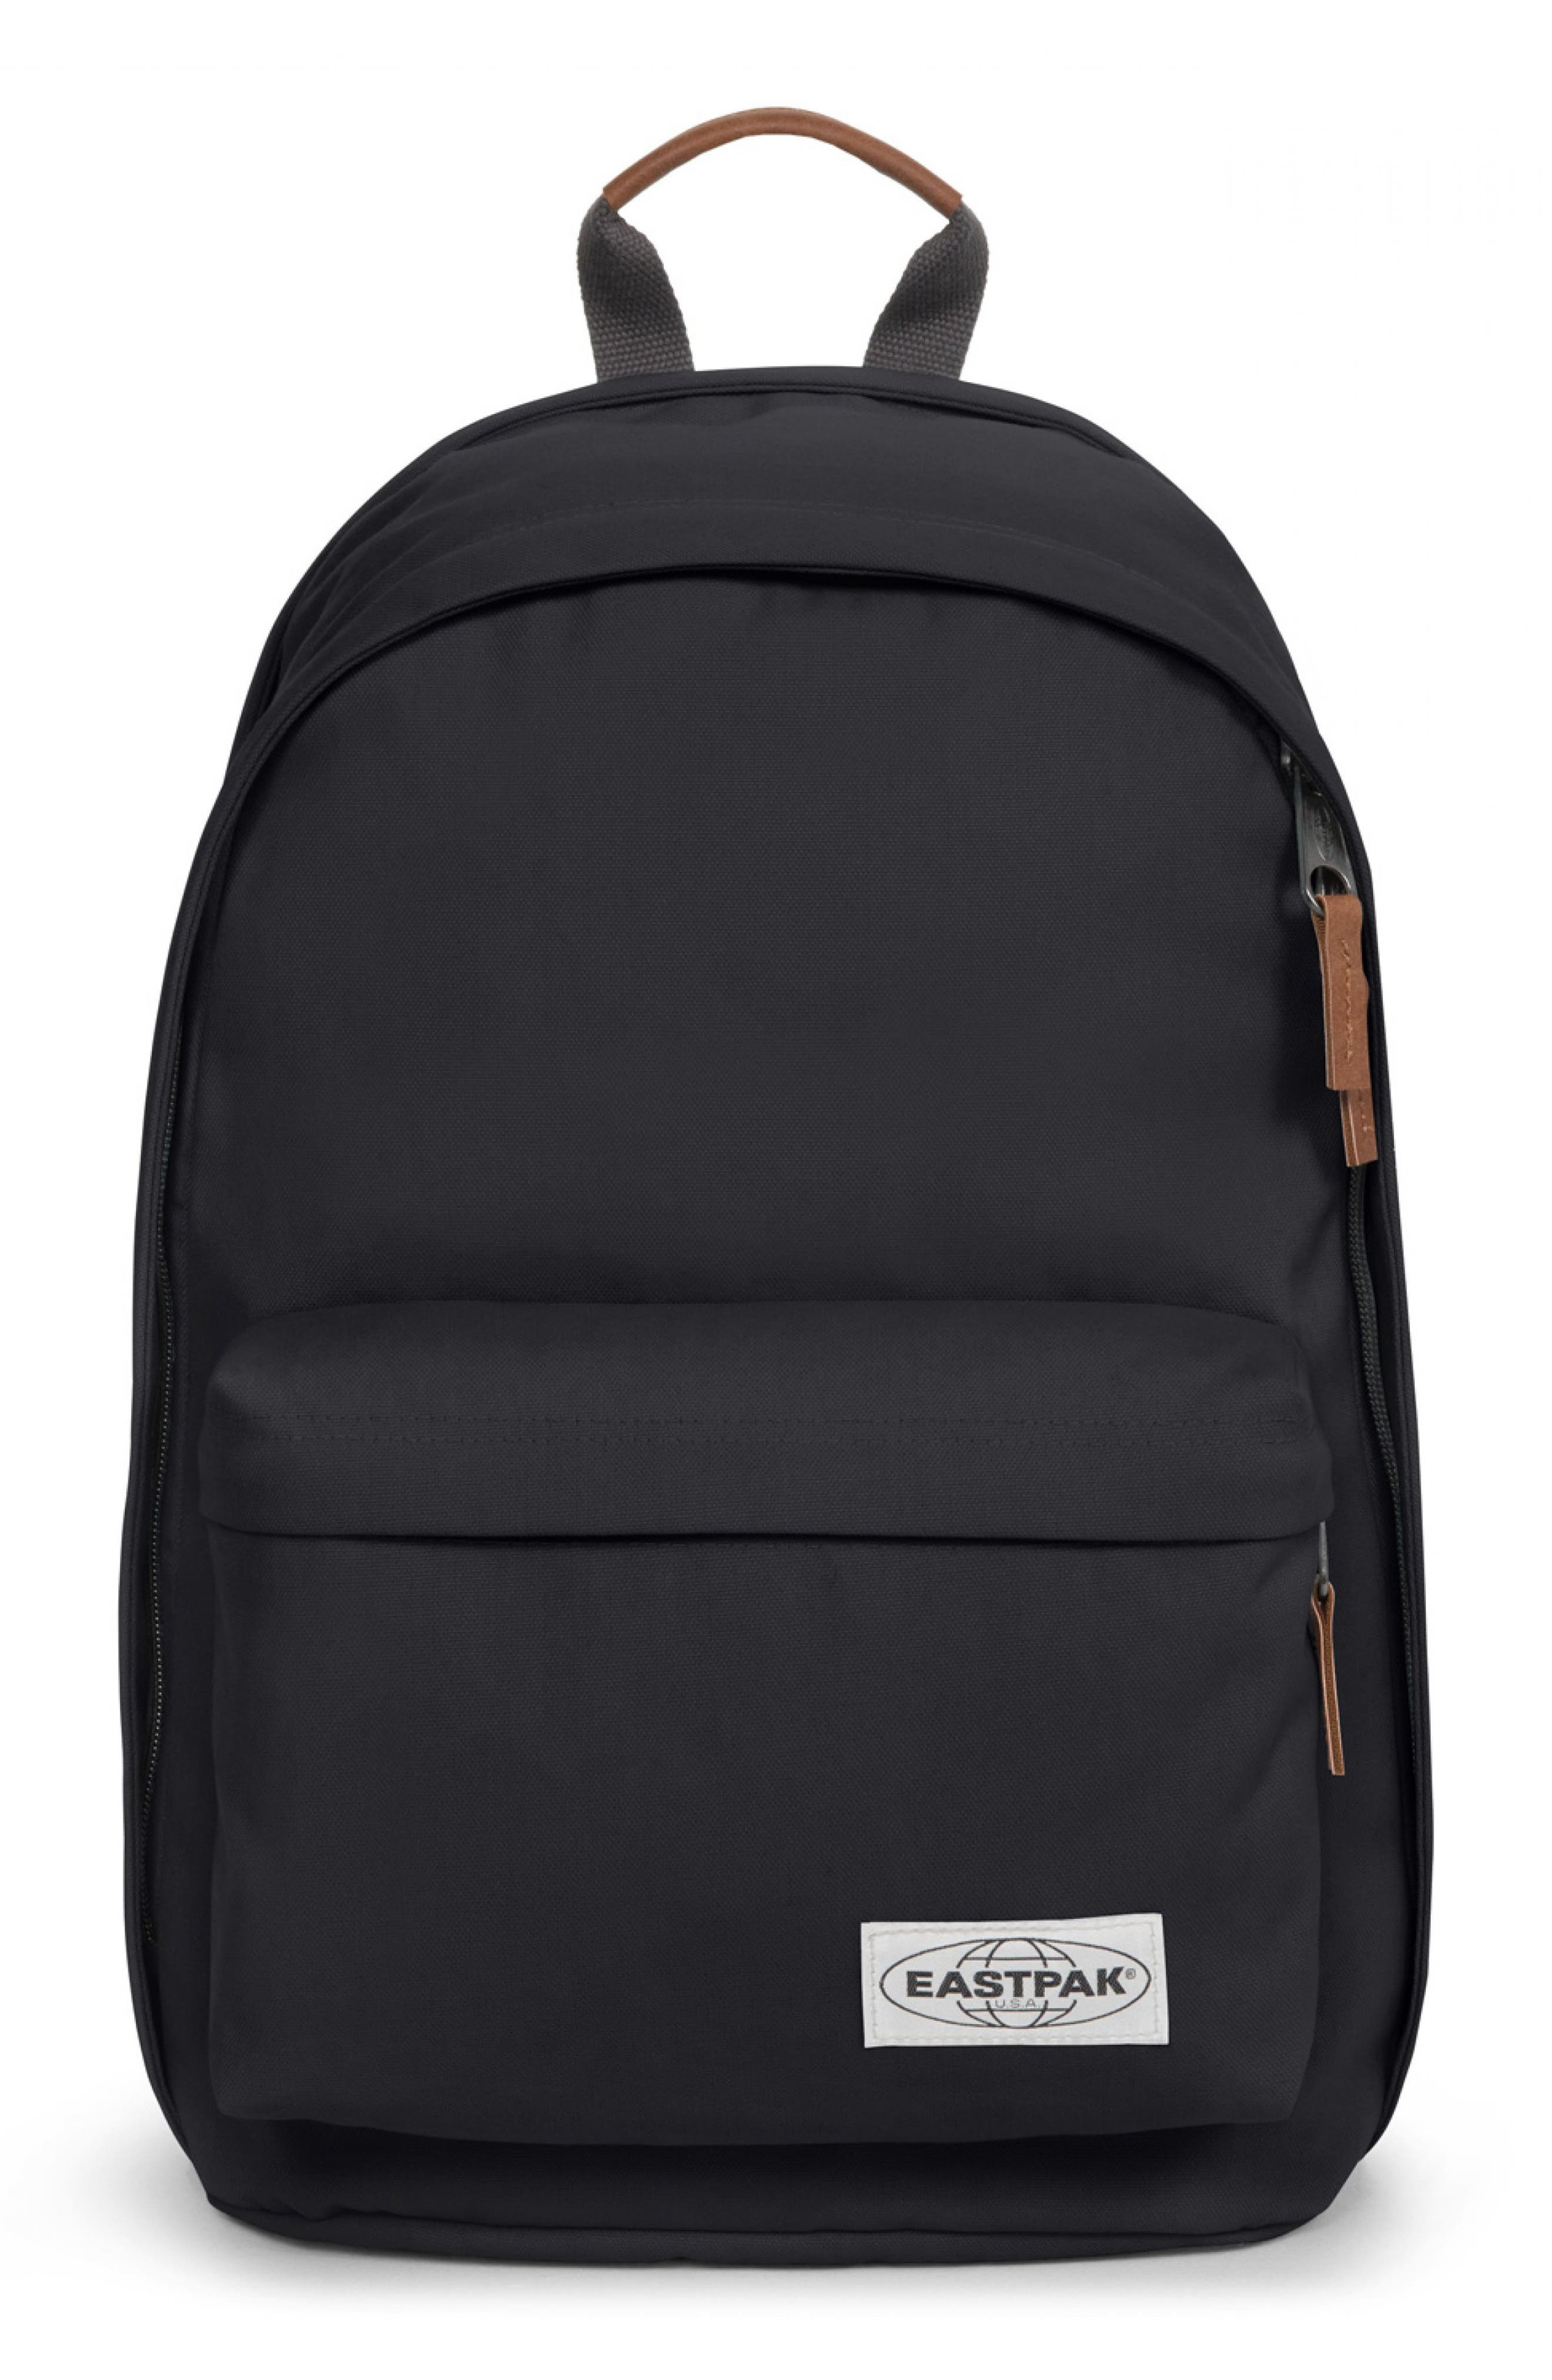 Eastpak Back To Work Backpack - Black